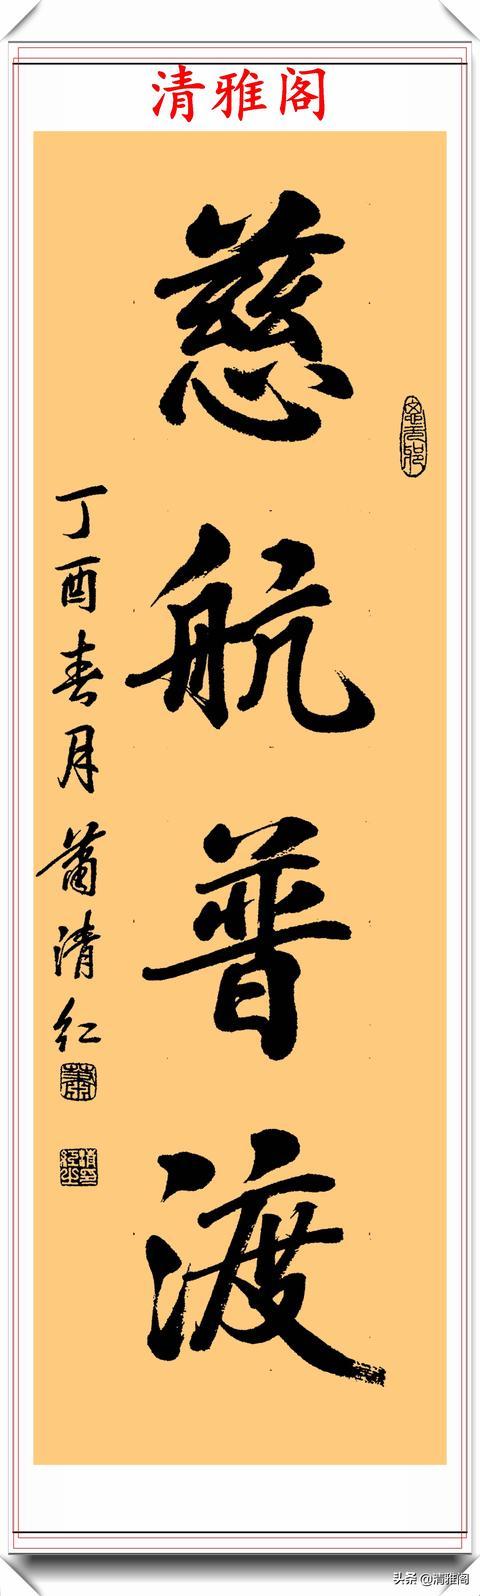 网络书法达人潇湘墨人,精选16幅行草书作欣赏,